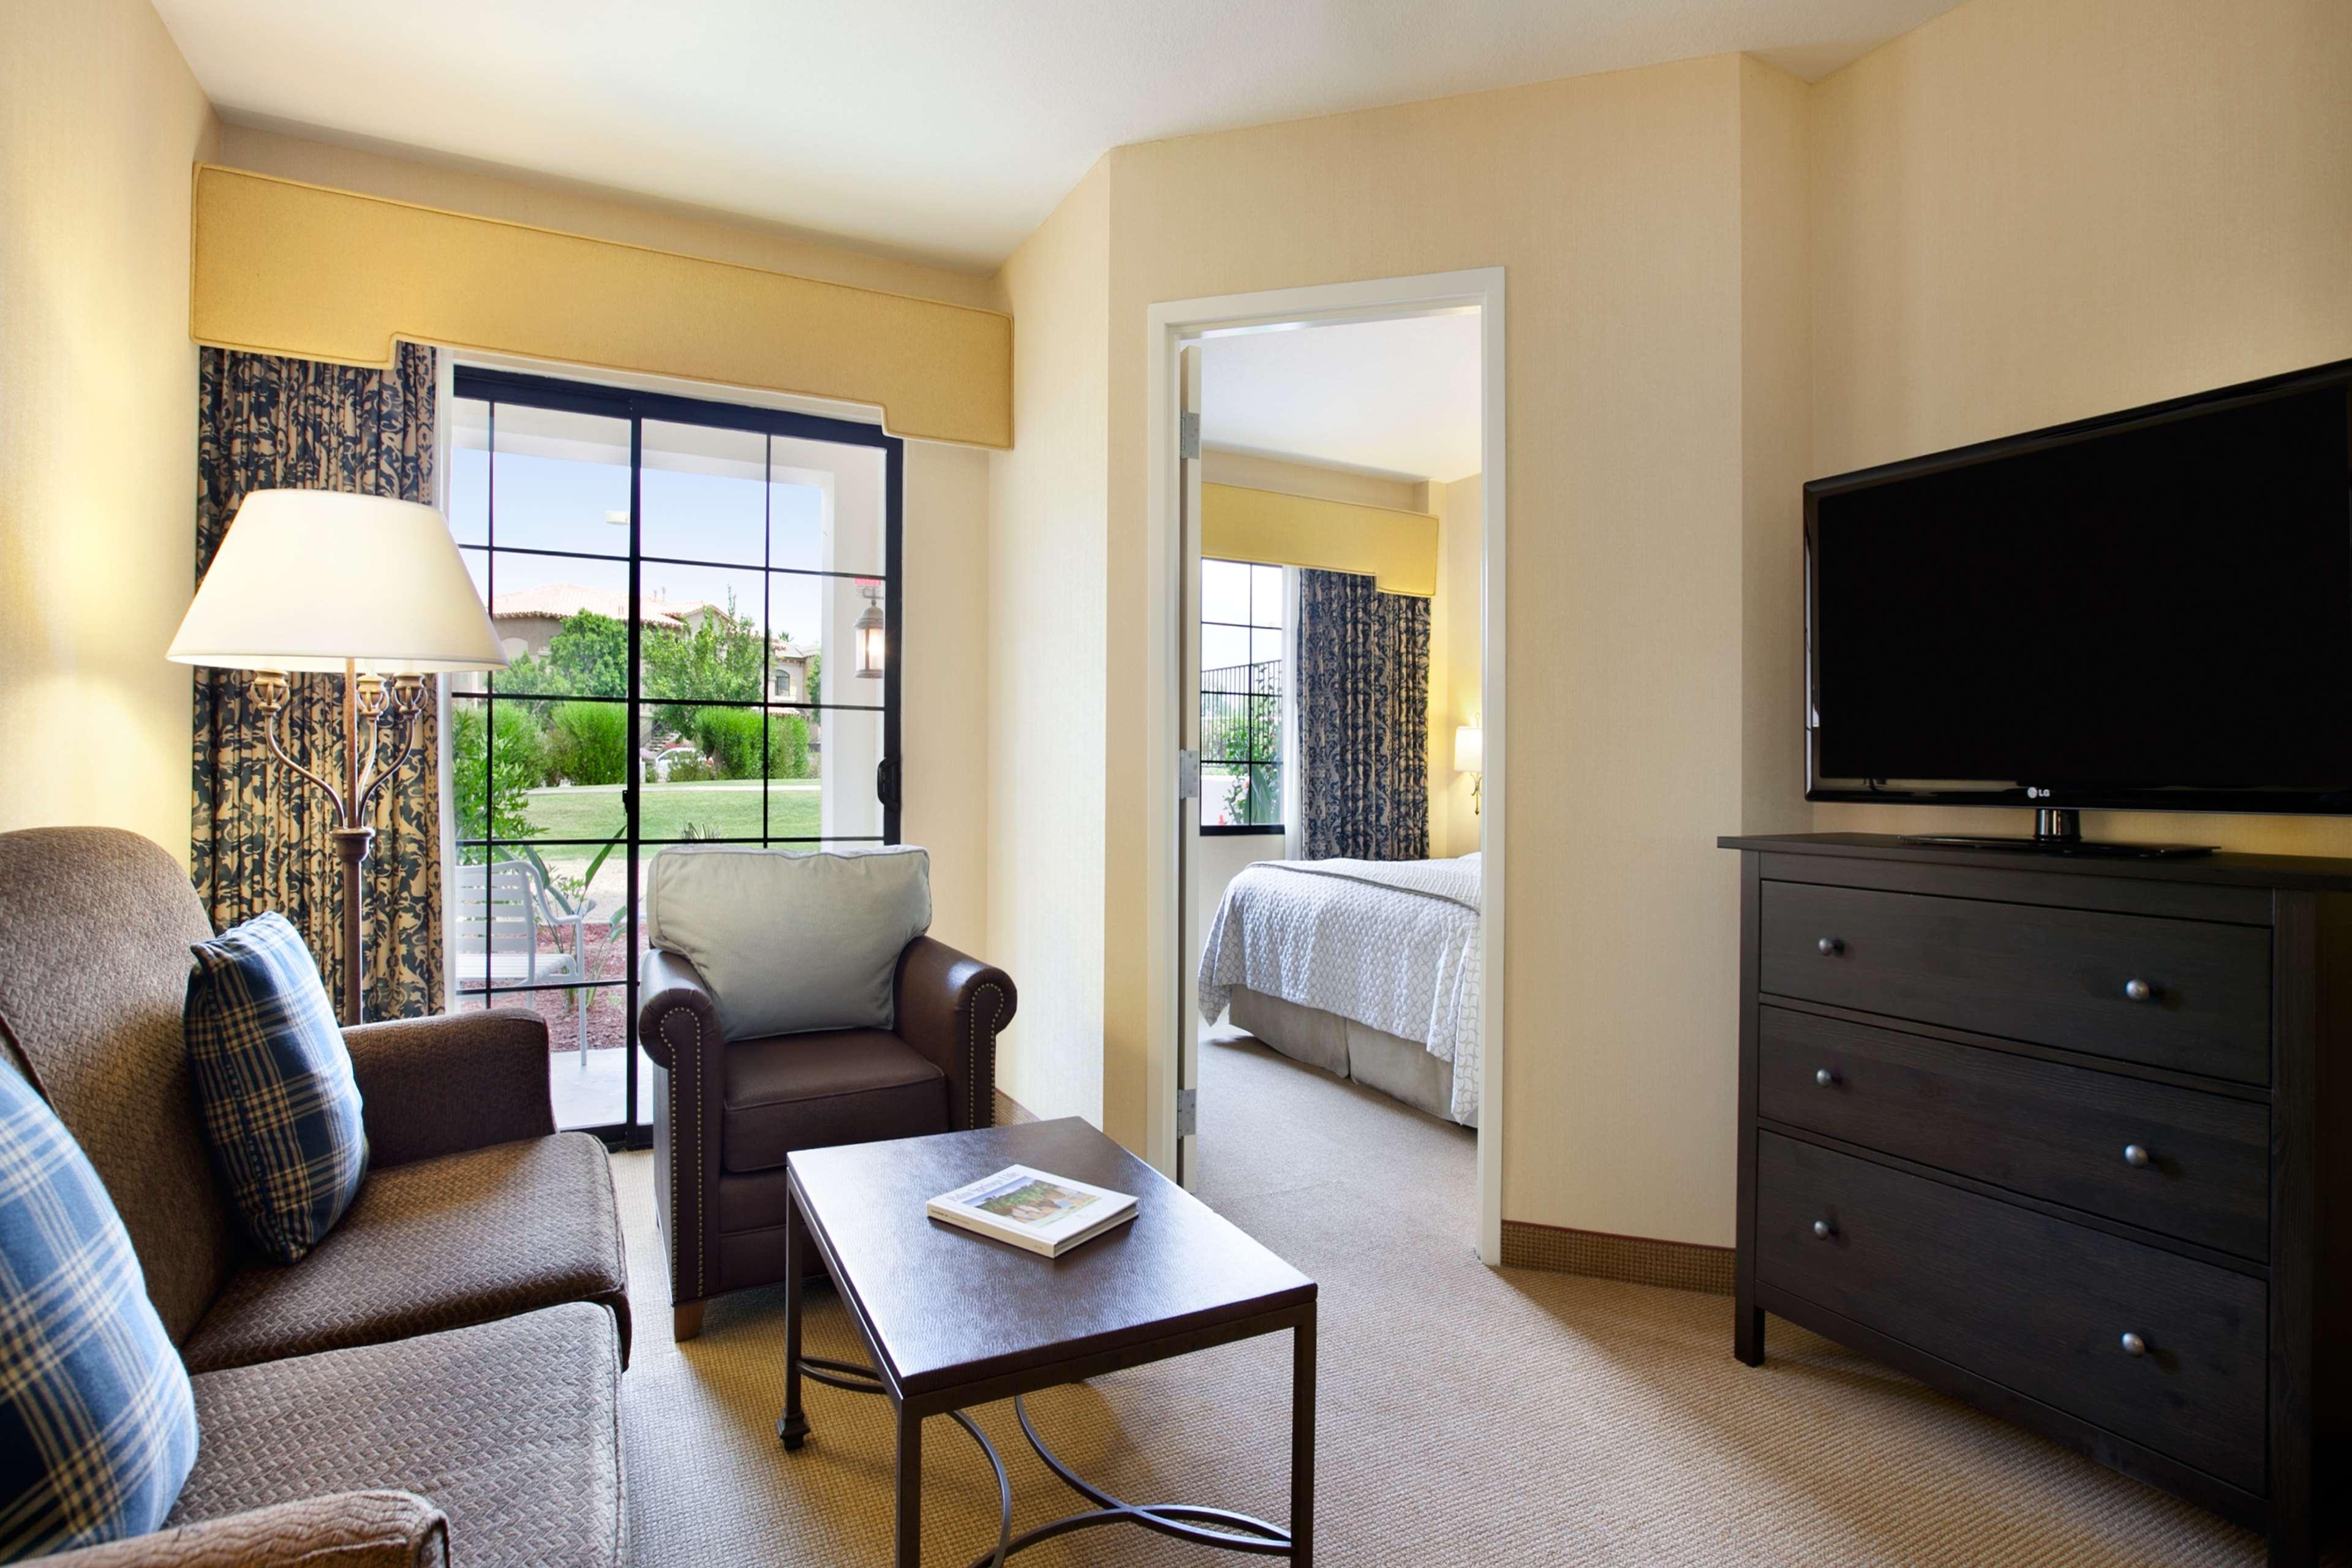 Embassy Suites by Hilton La Quinta Hotel & Spa image 19